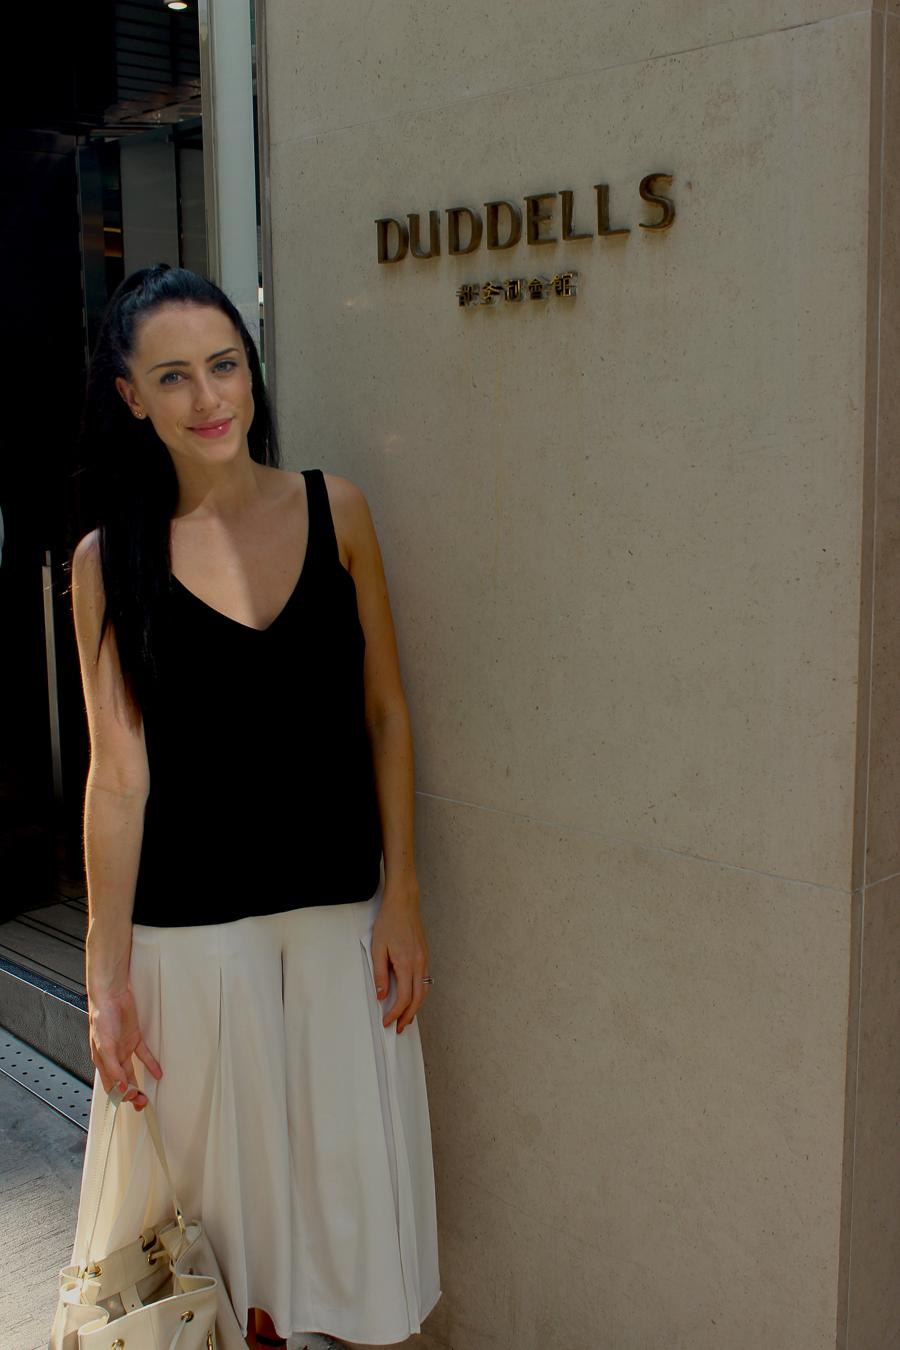 Clutch and carry on - sabrina chakici - conrad stay inspired - conrad hong kong - travel blog hong kong - travel blogger-37